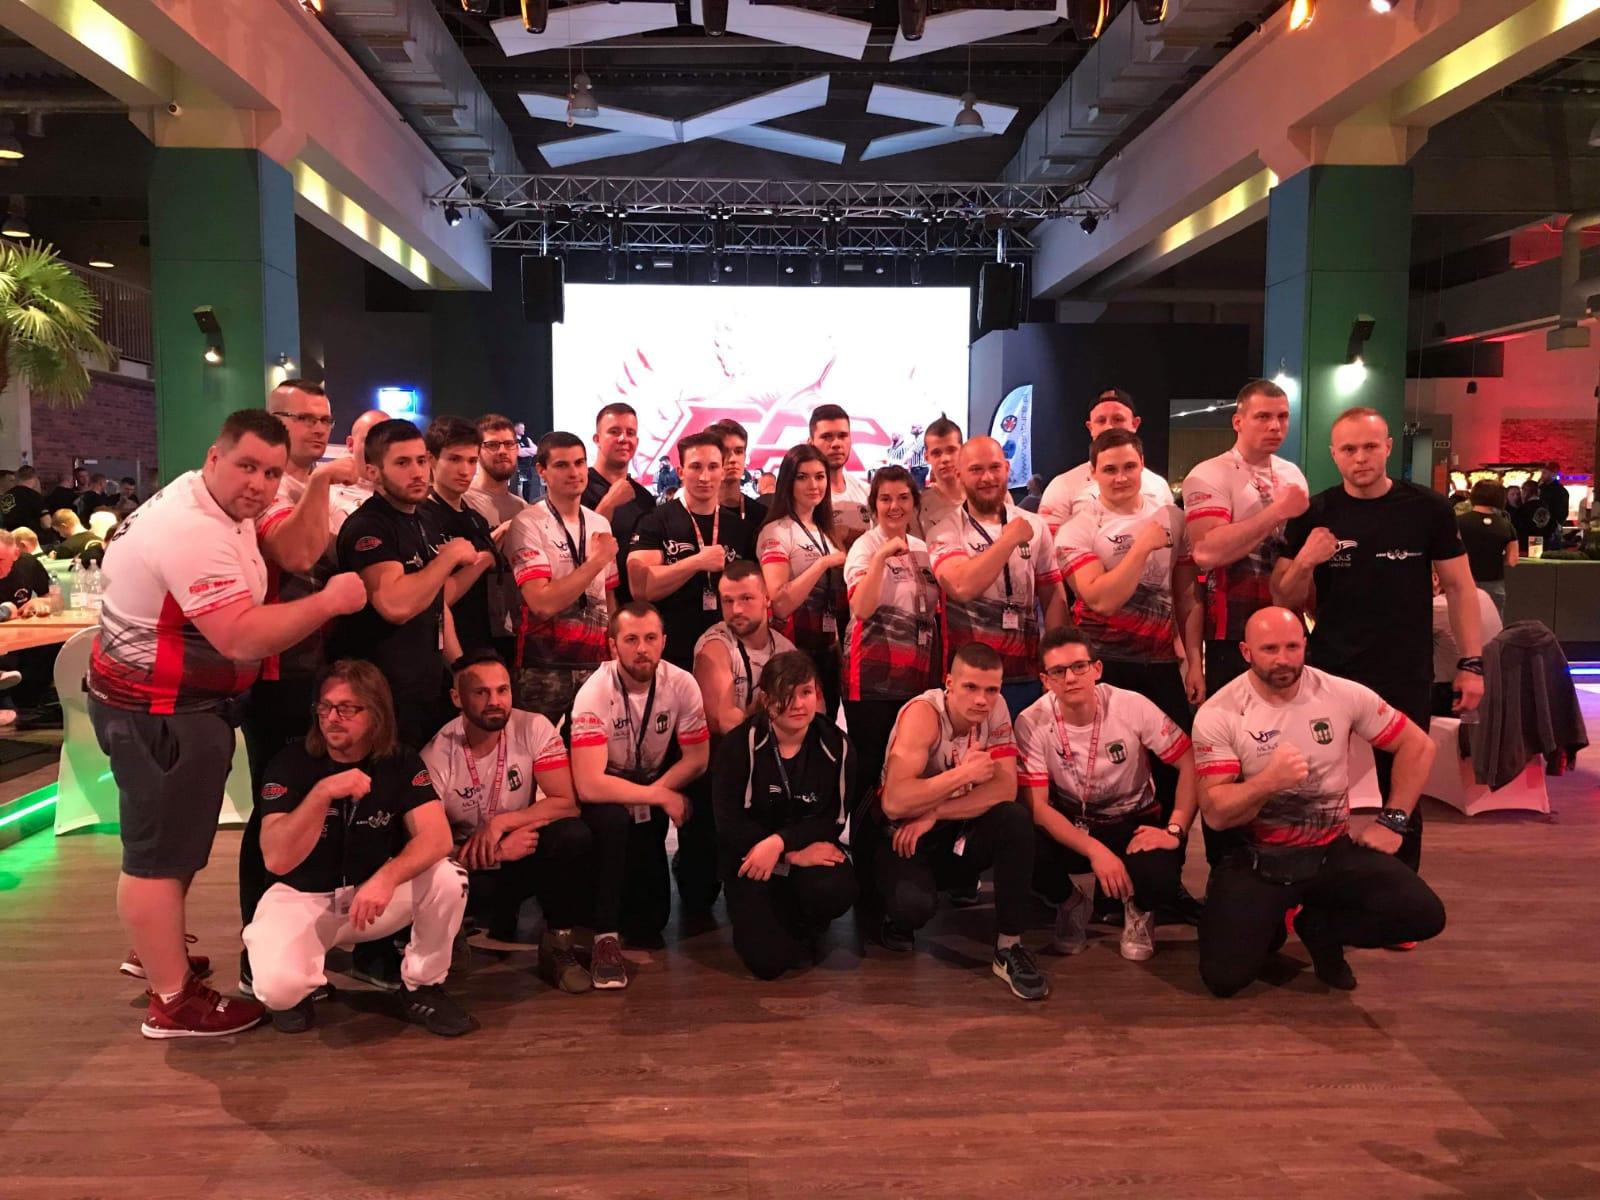 mistrzostwa-polski-w-armwrestlingu-2019